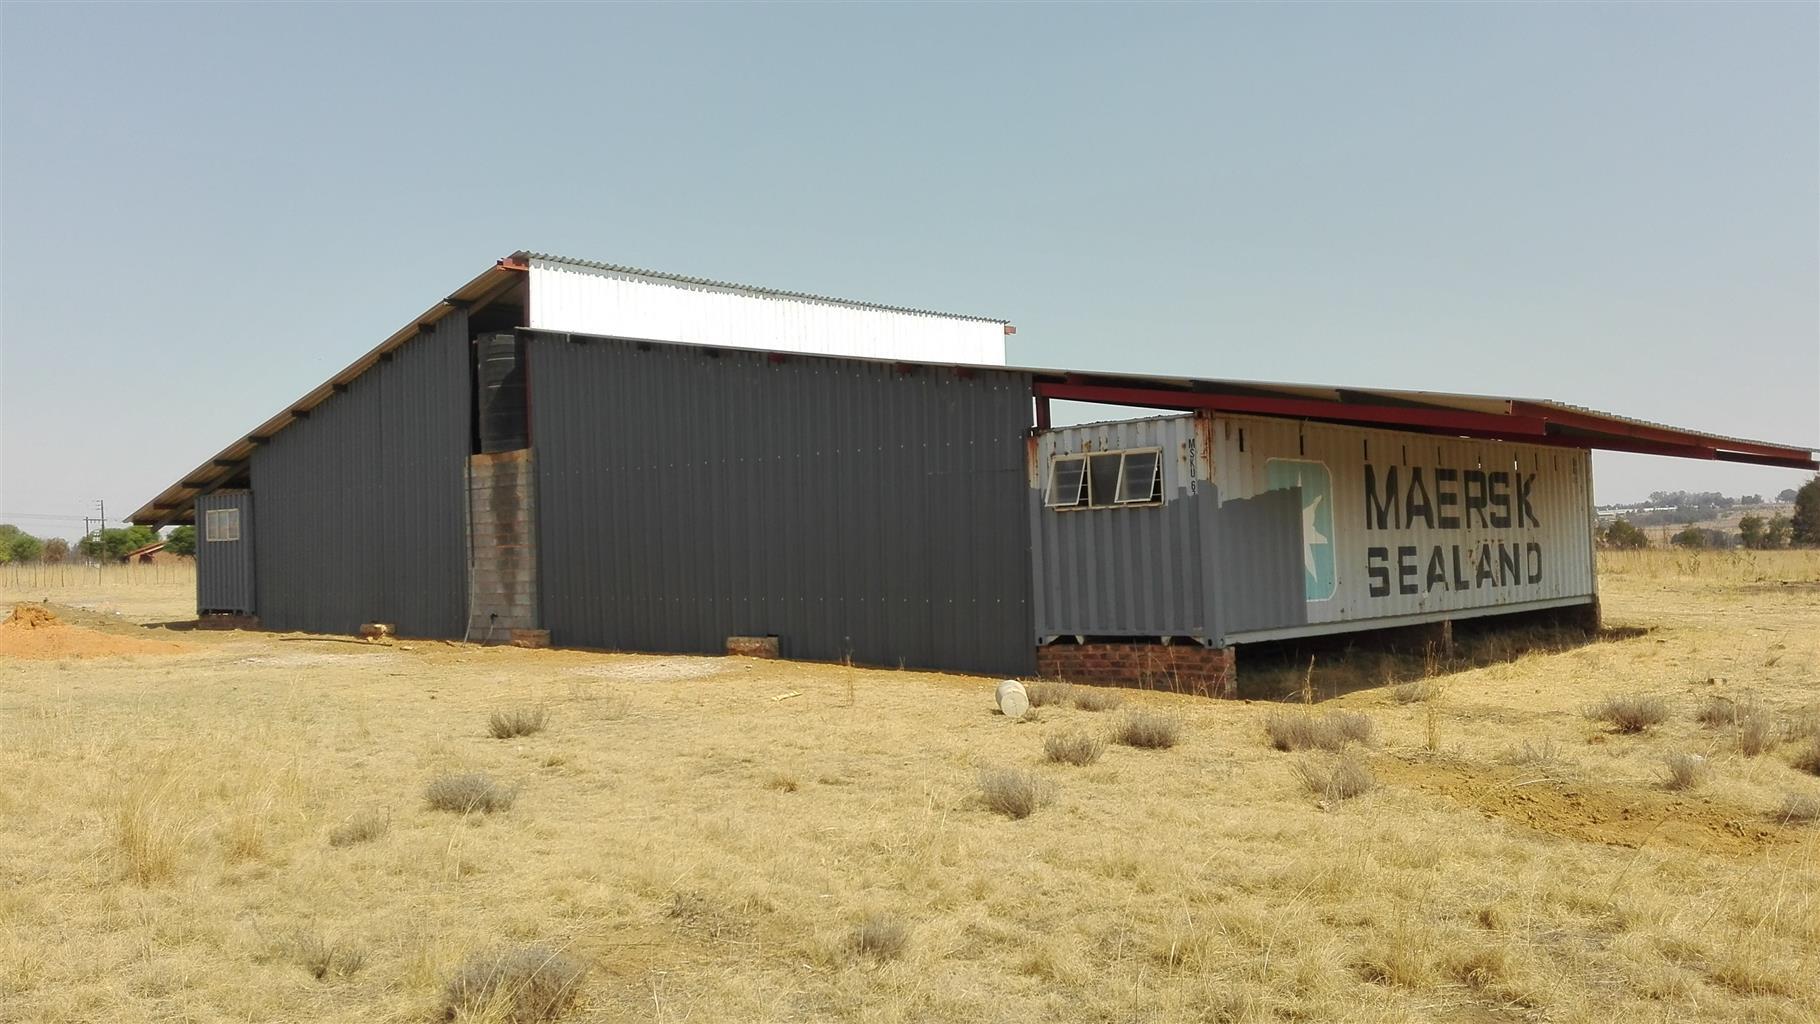 Bashewa - Big 25 Ha Farm 3 km from Garsfontein rd